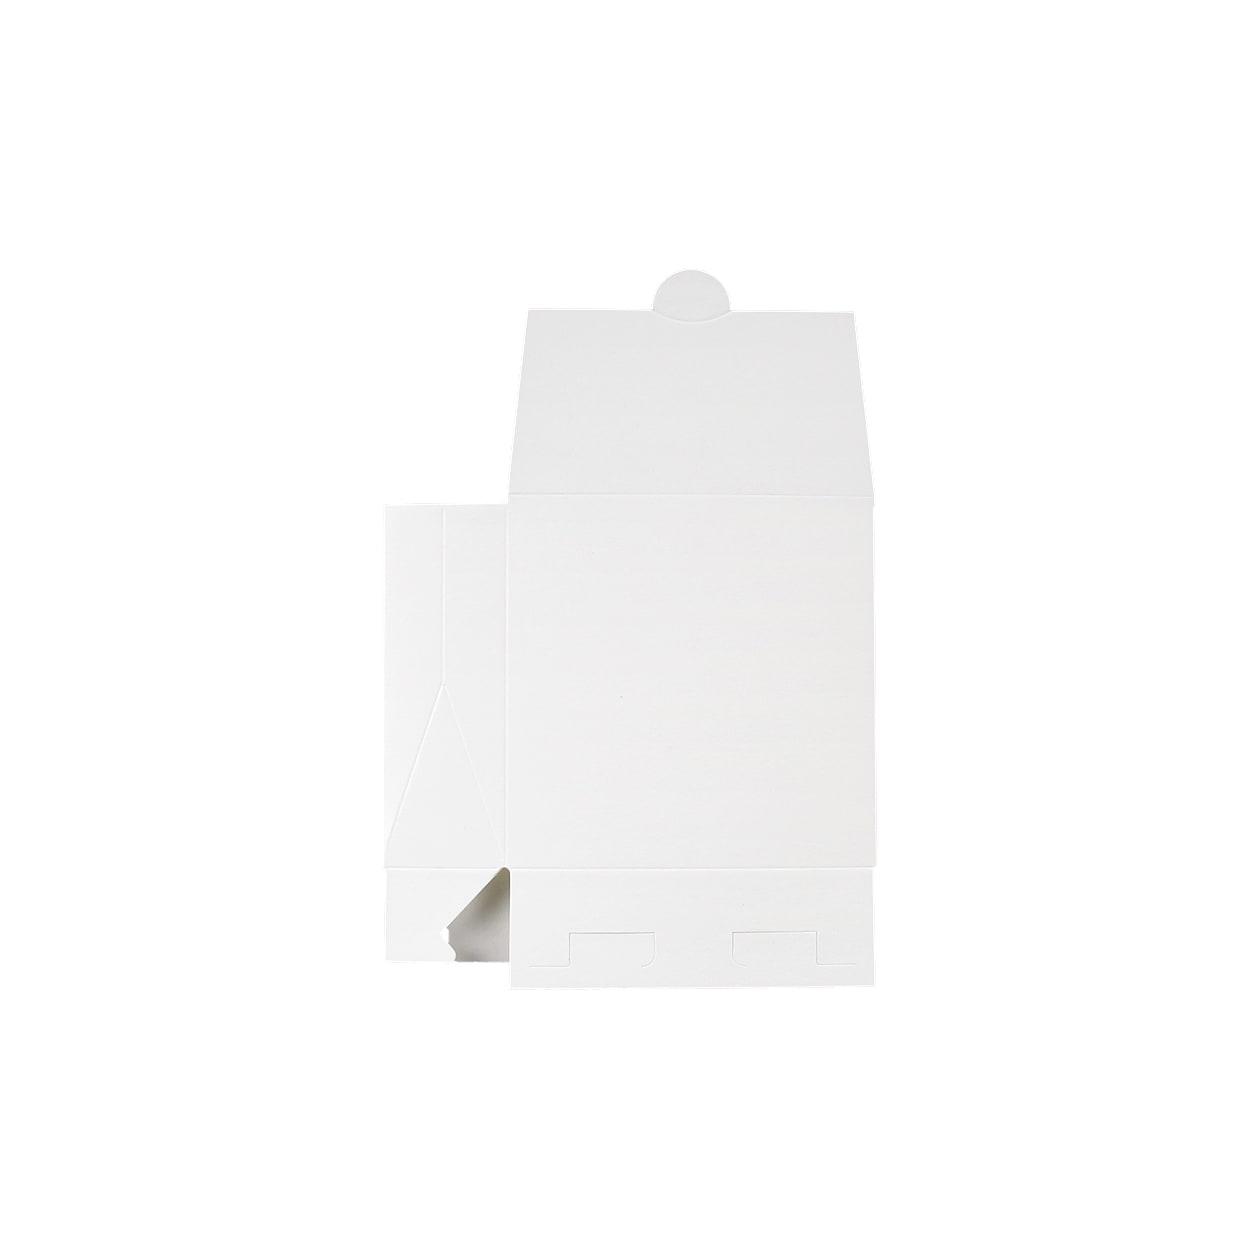 角底箱ロック式90×90×30 コットン スノーホワイト 232.8g